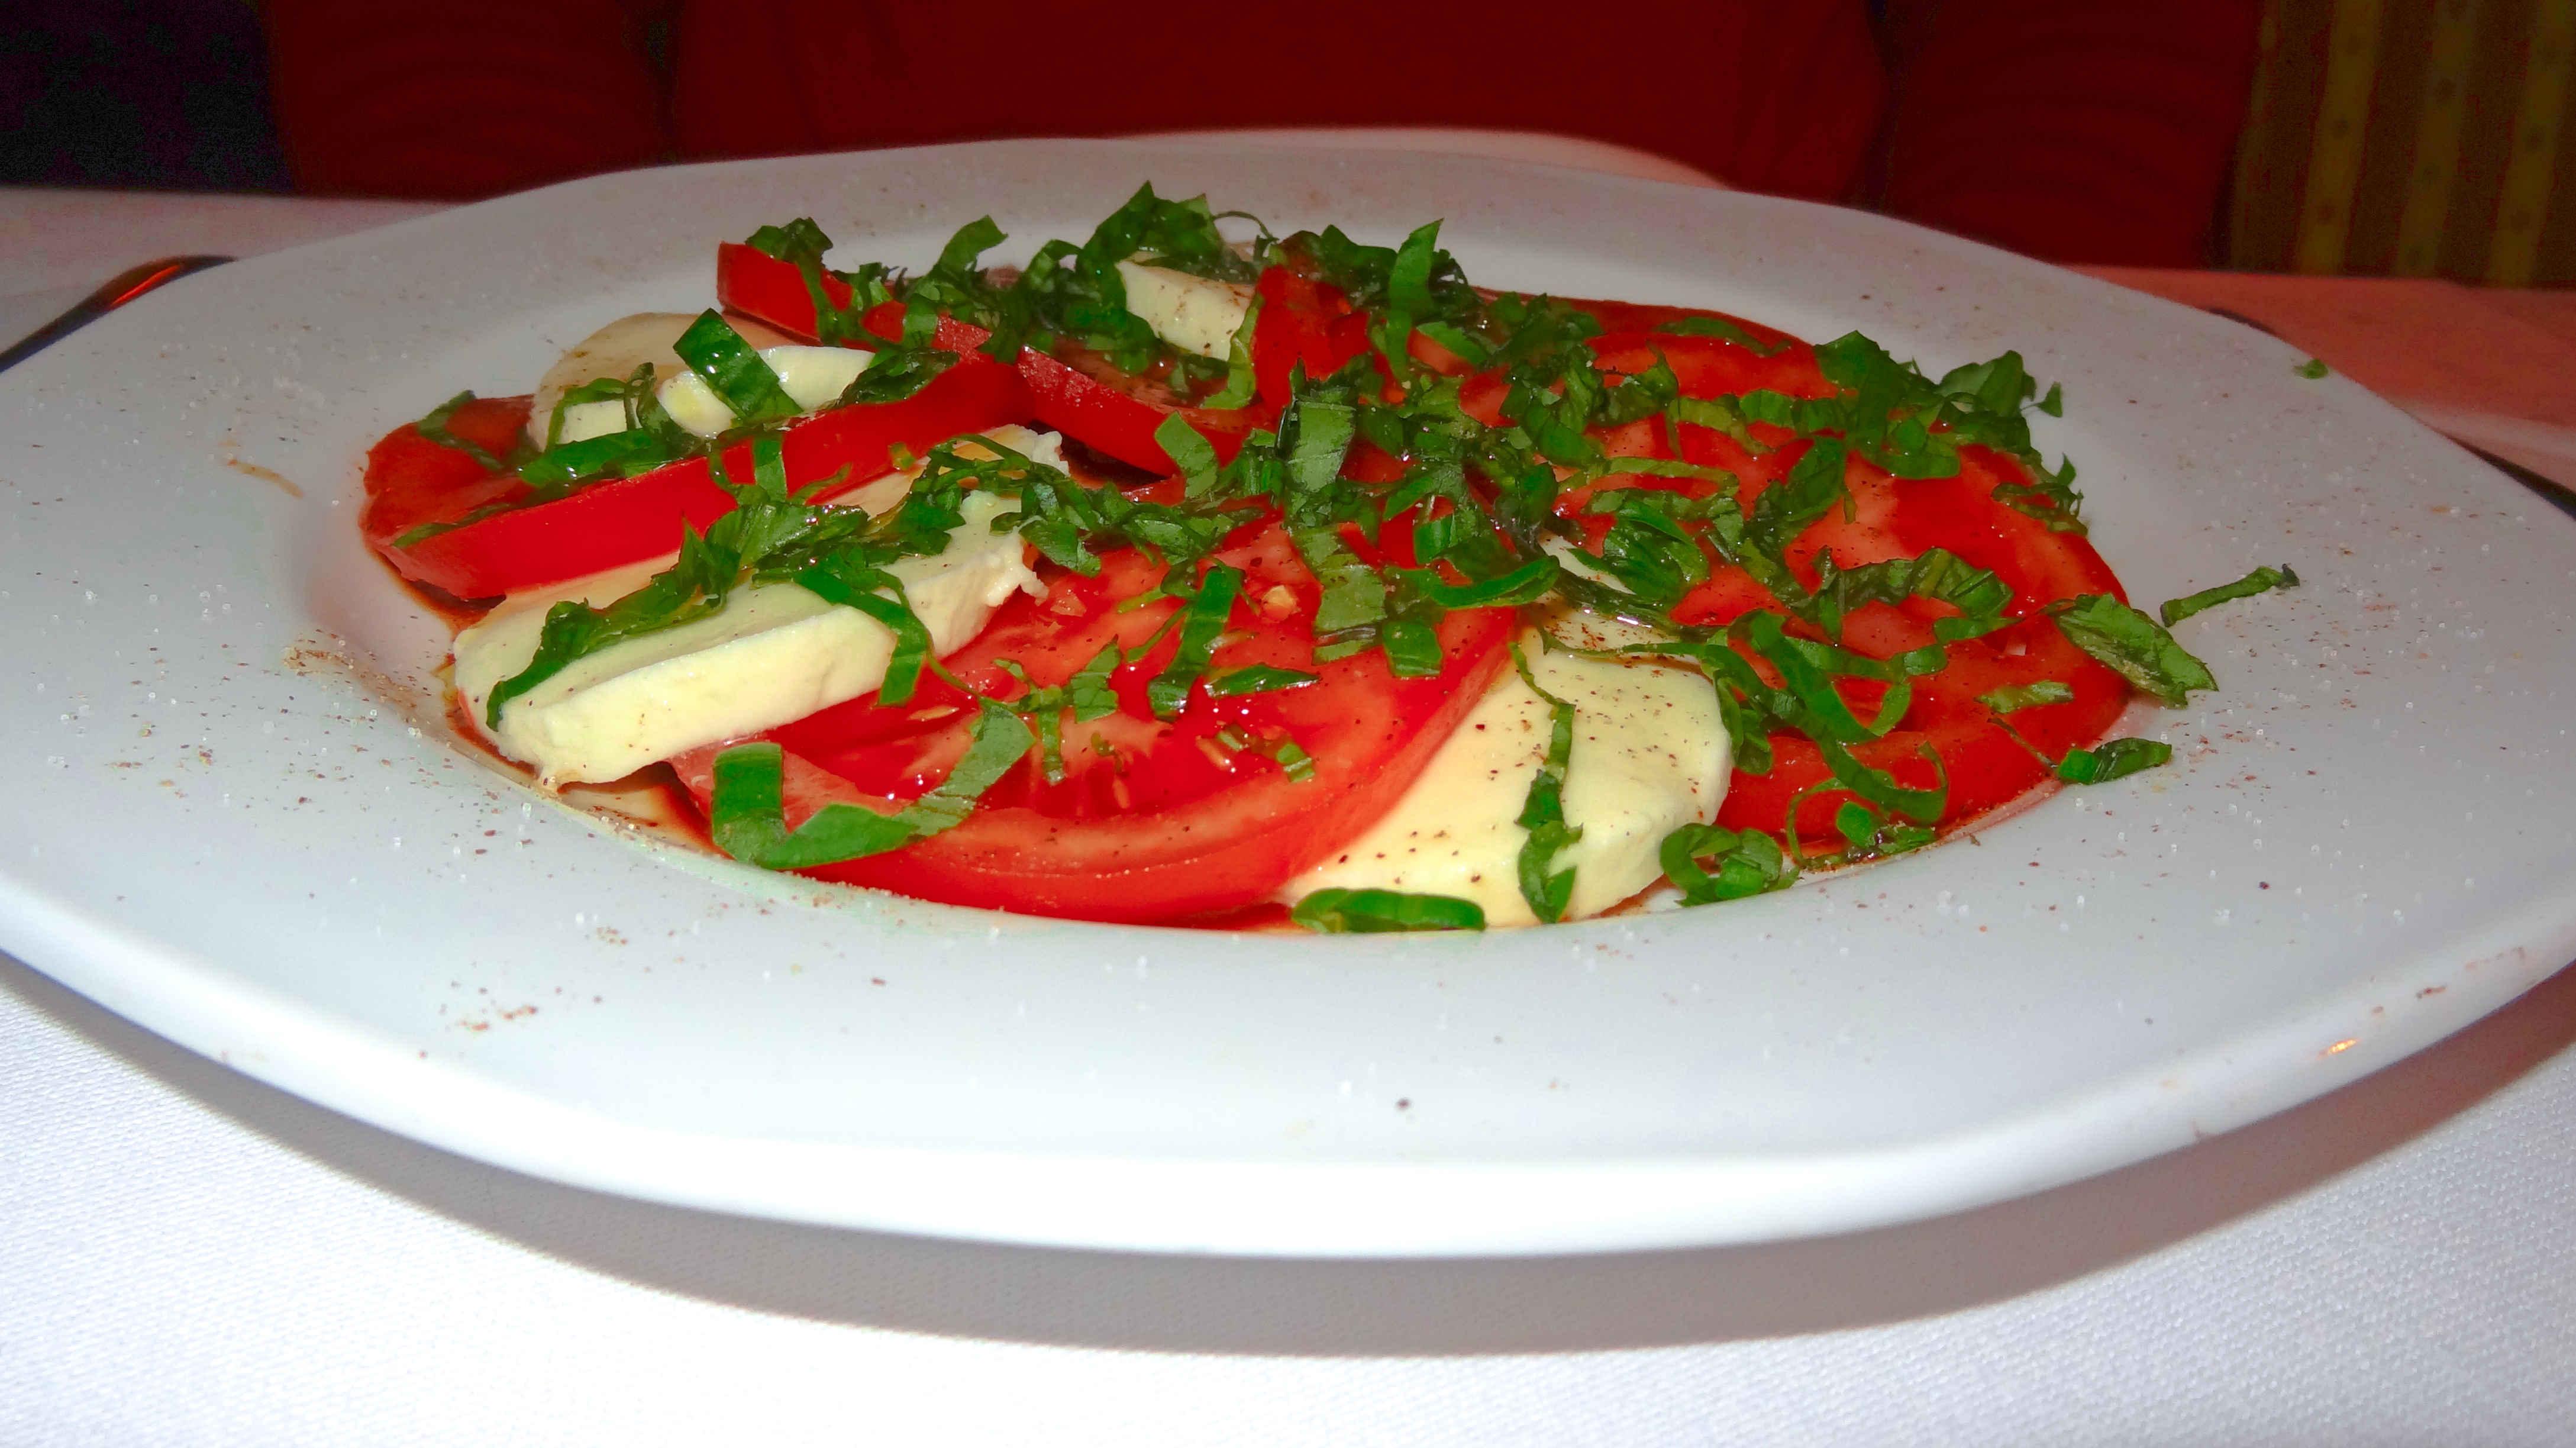 restauracja włoska we wrocławiu kolacja we włoskim stylu caprese pomidory z mozarellą angellovesdreams